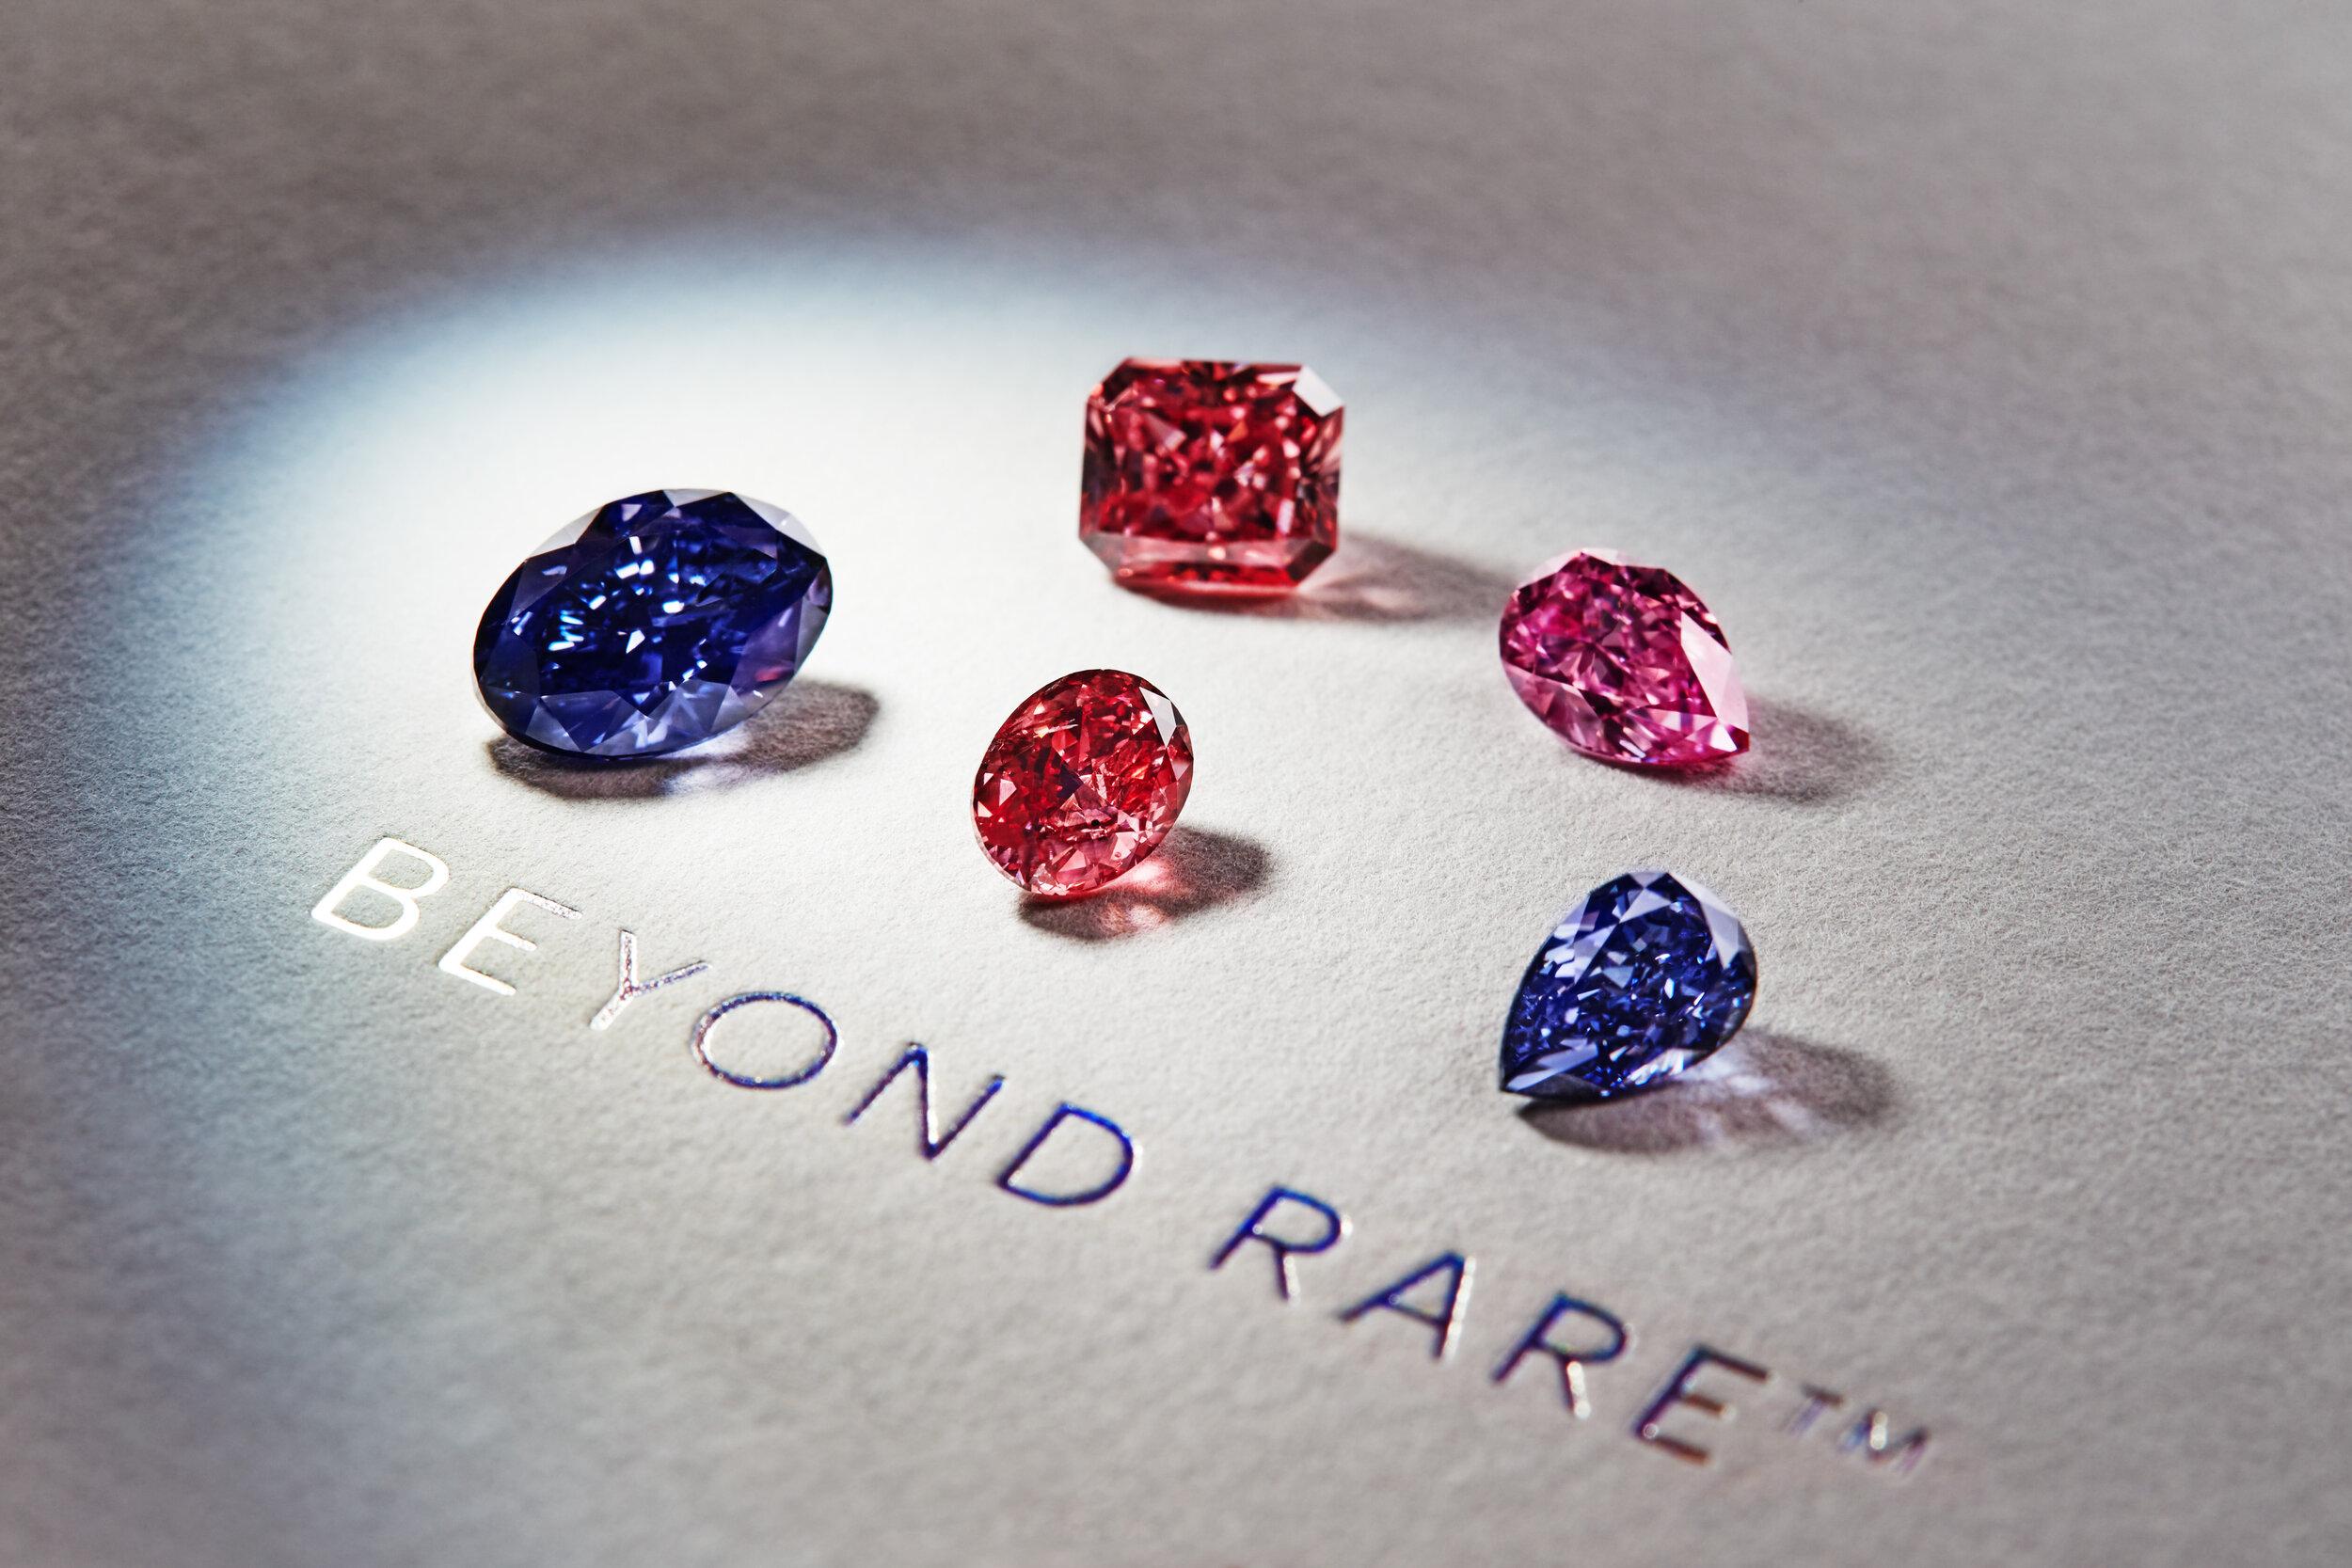 2016 Argyle Tender hero stones (Lot 1 Argyle Violet Diamond) - Image courtesy of Rio Tinto (Argyle)